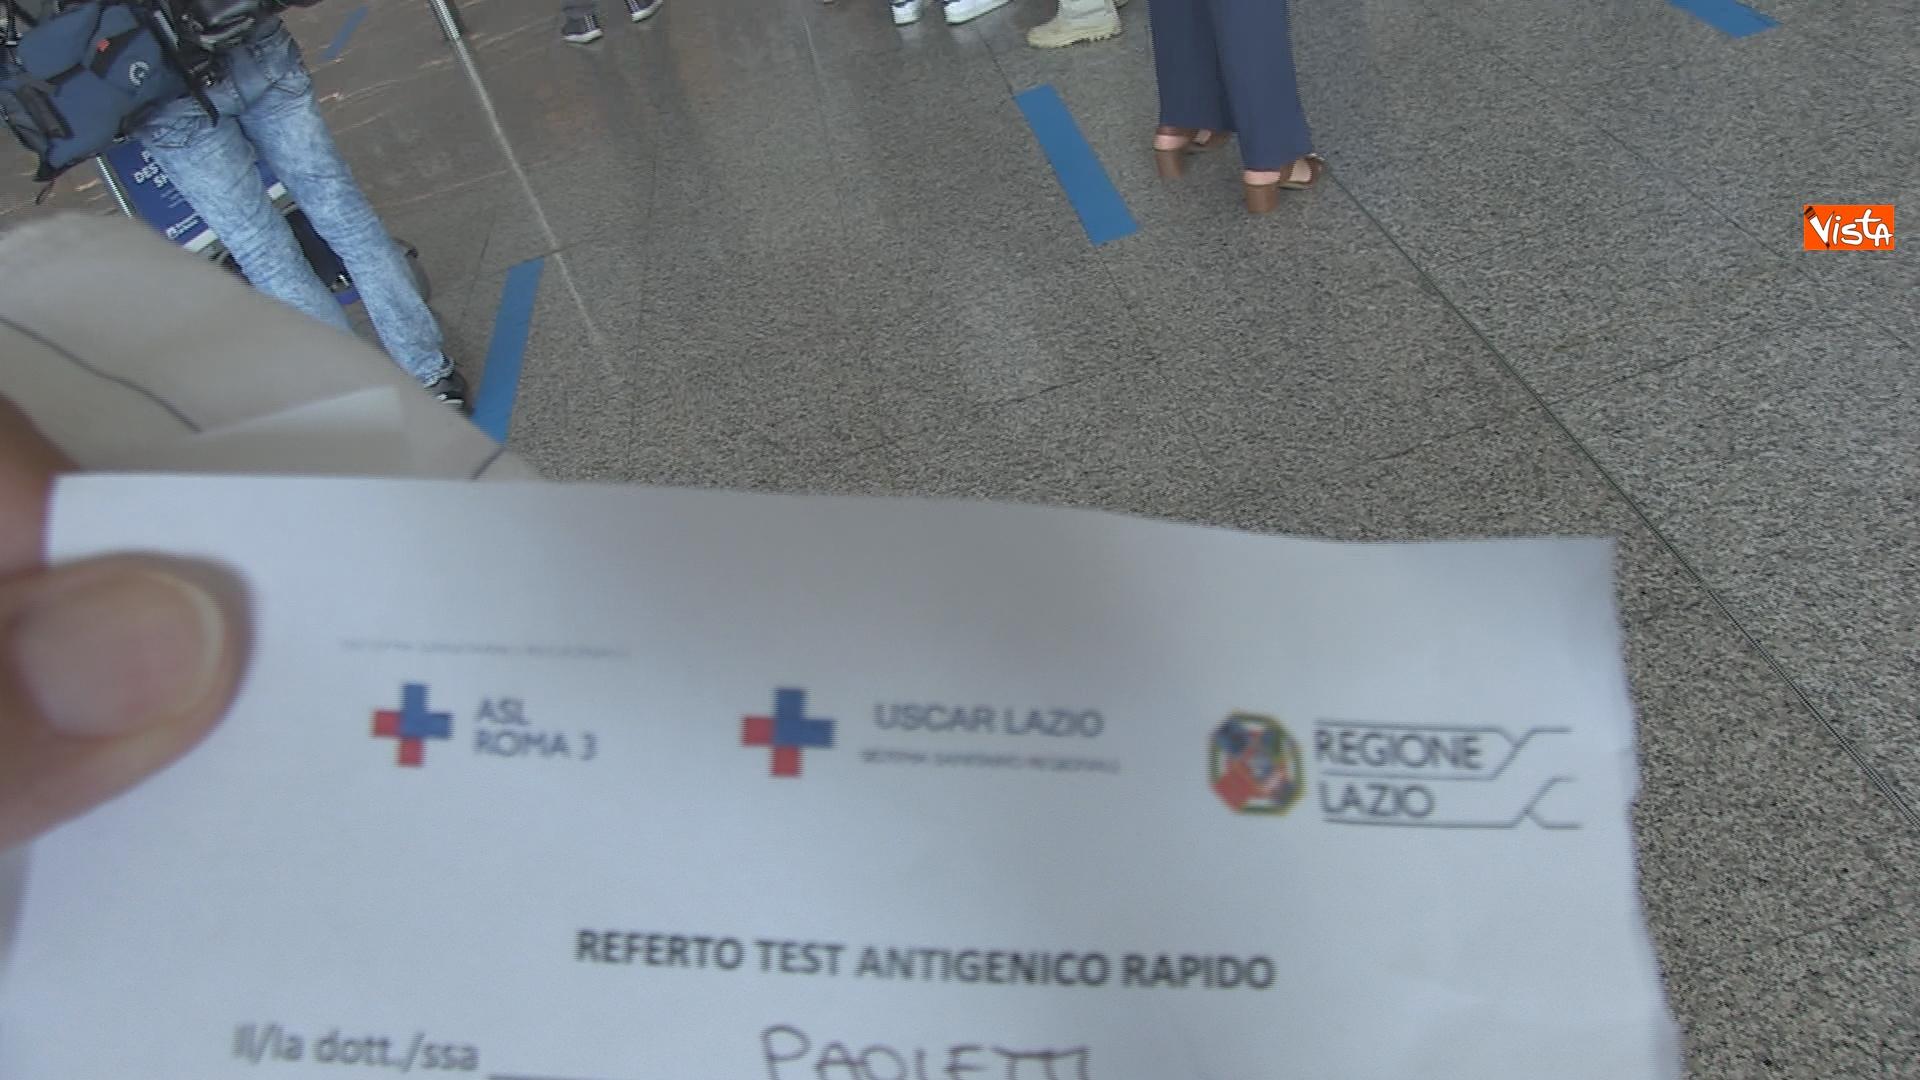 Il dettaglio di un certificato di avvenuto test Covid necessario per imbarcarsi sul volo.